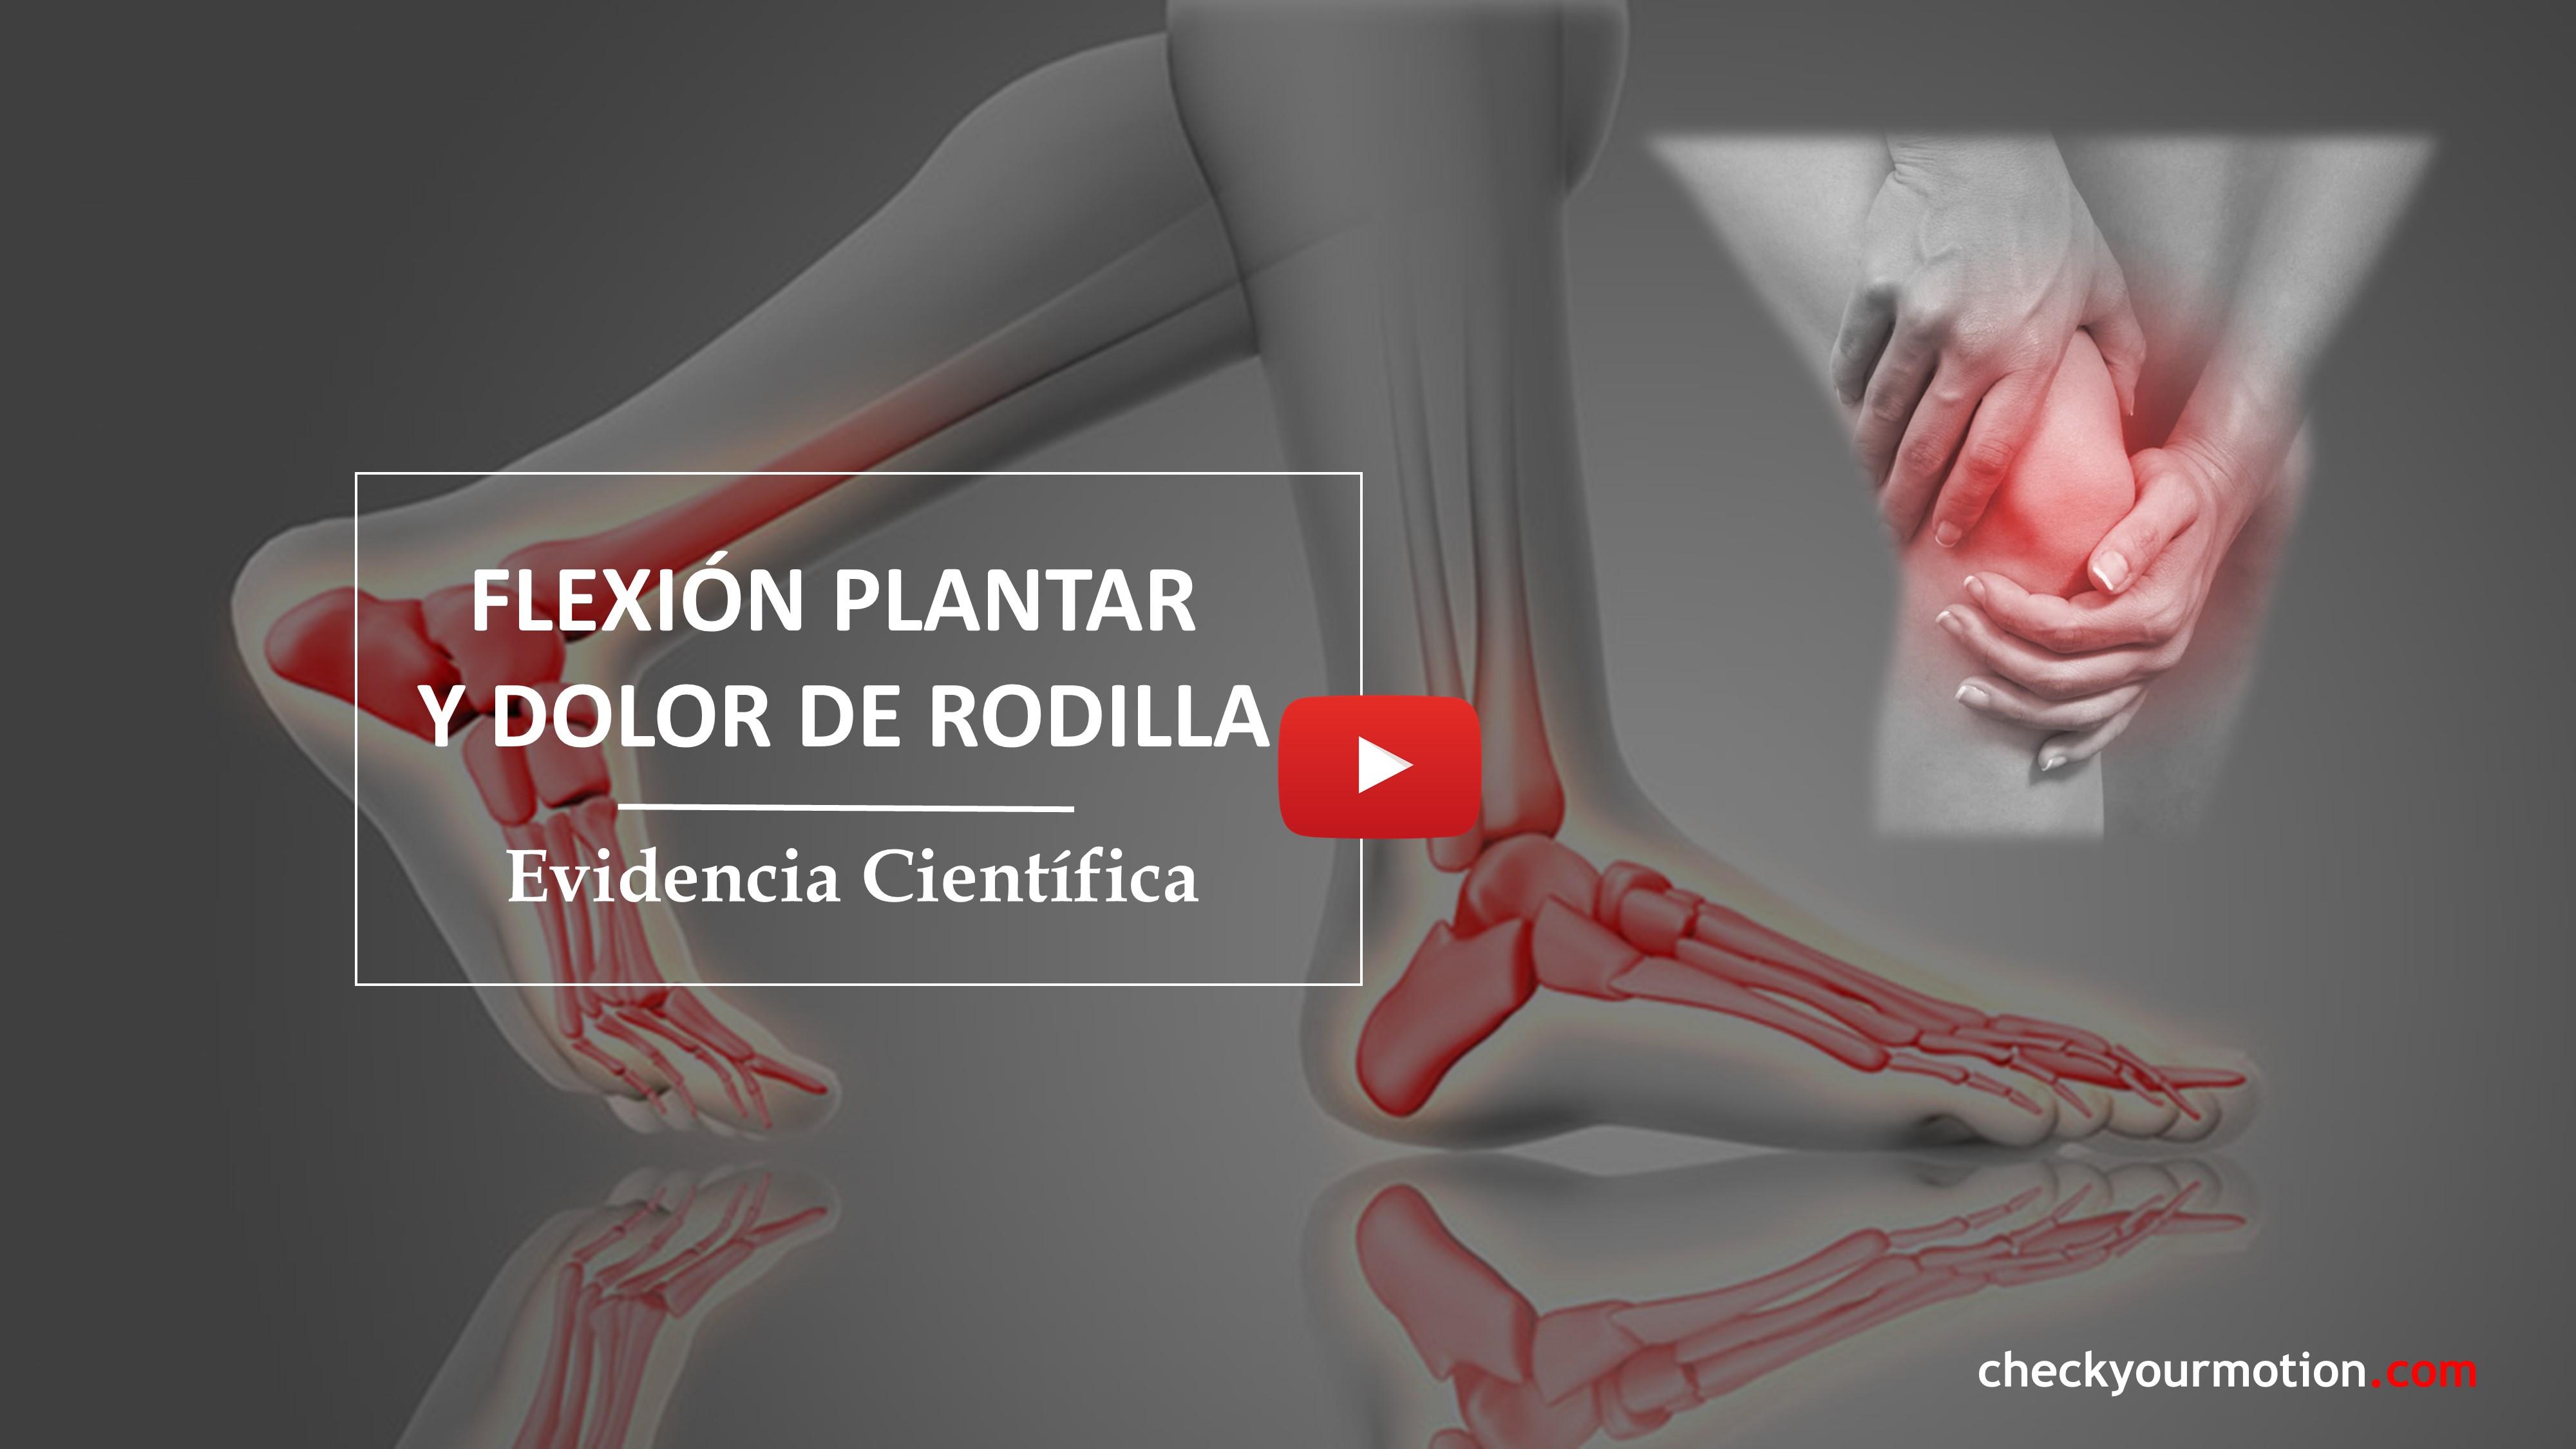 Flexión plantar y dolor de rodillas